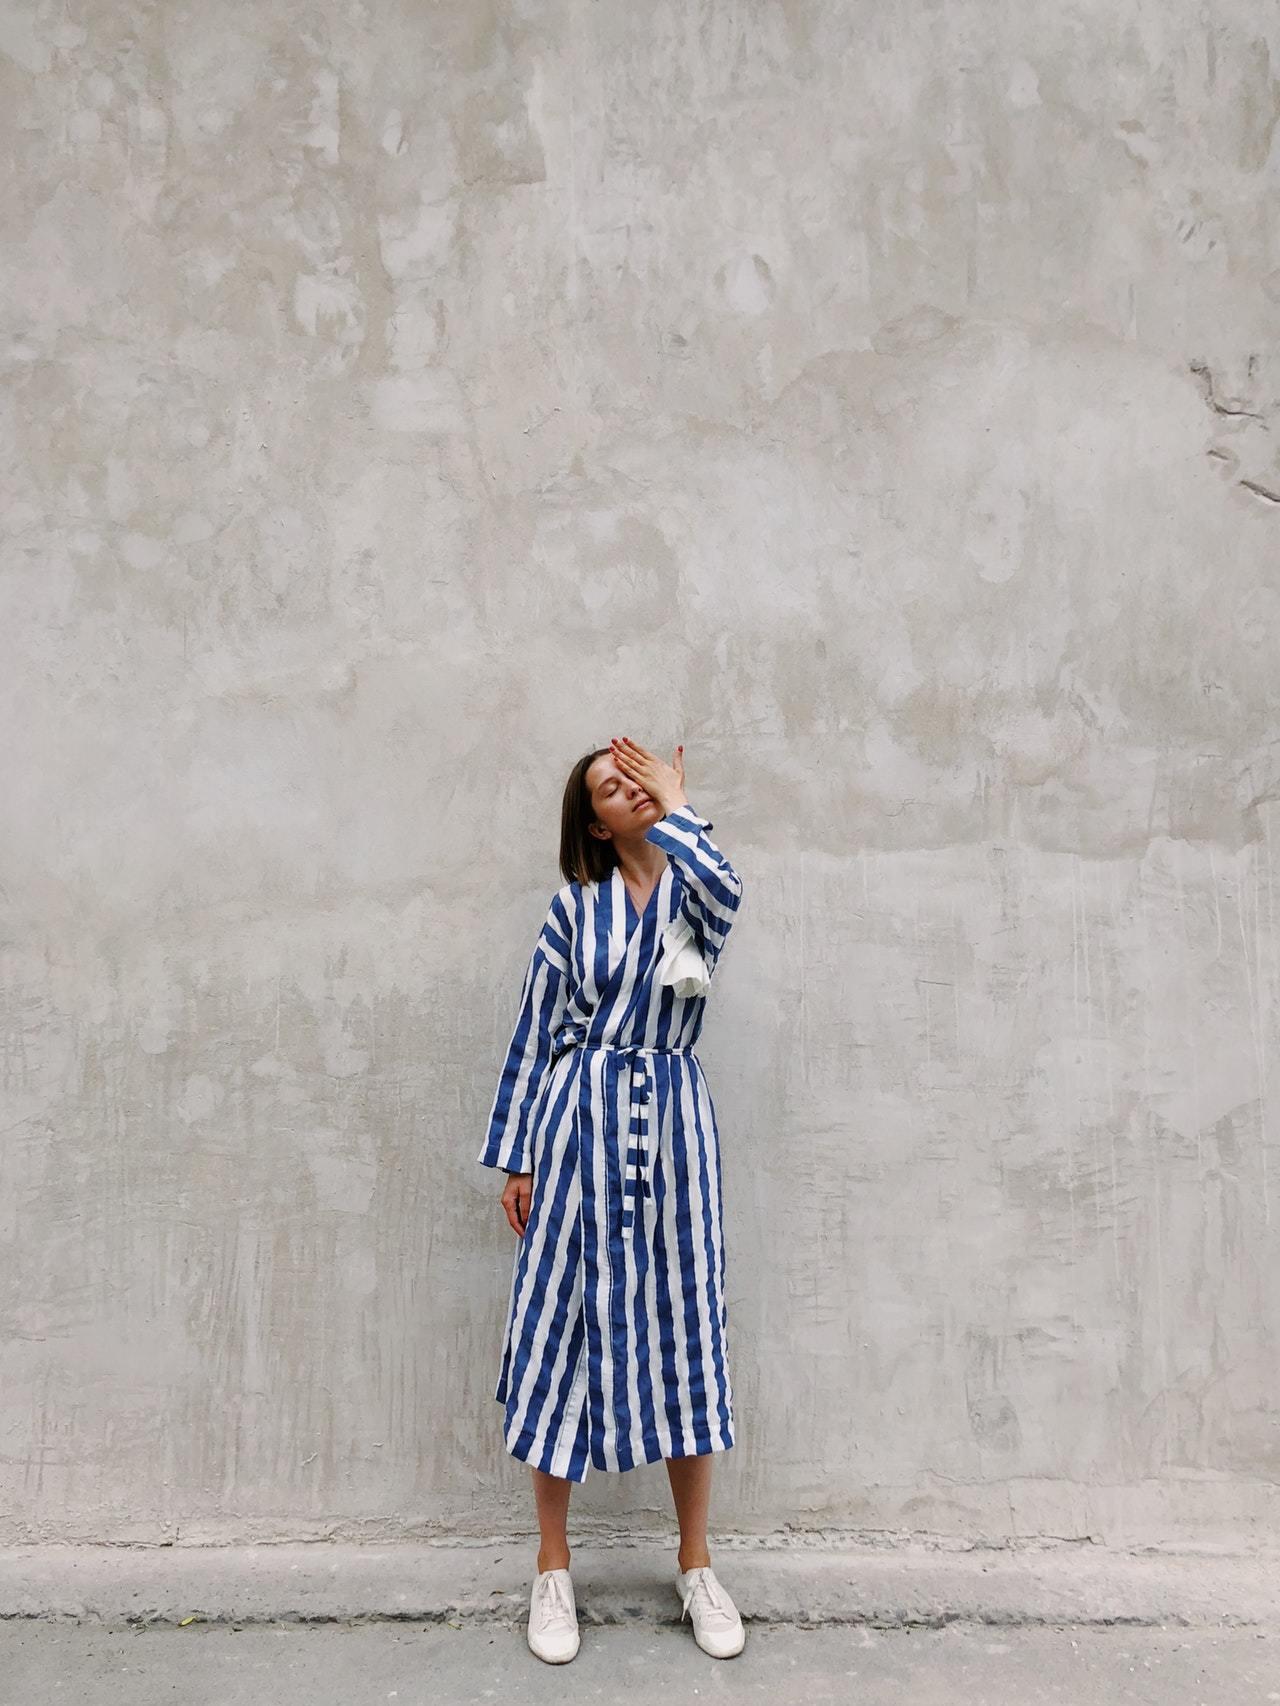 Disse modetrends hitter hos nordjyske trendsættere